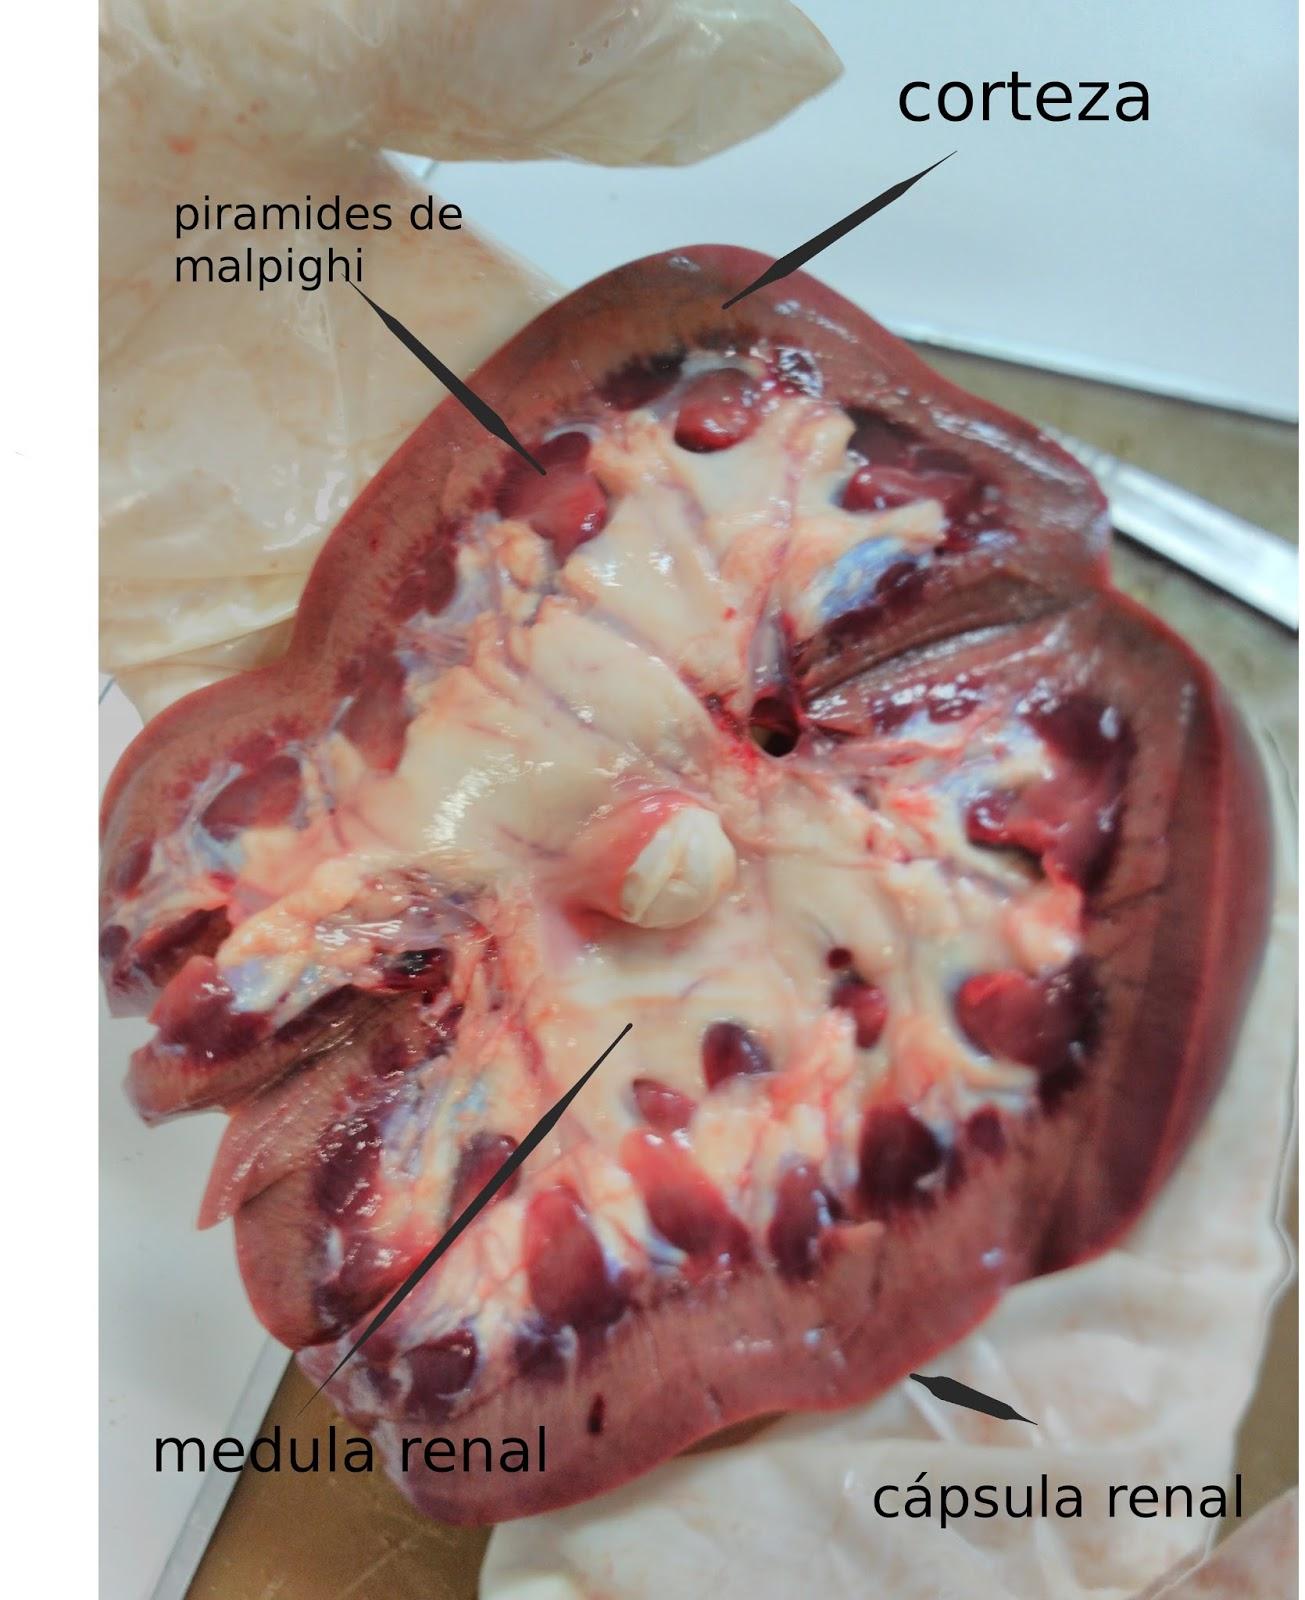 Anatomía aplicada, Carmen: DISECCIÓN DE RIÑÓN 2-5-2017